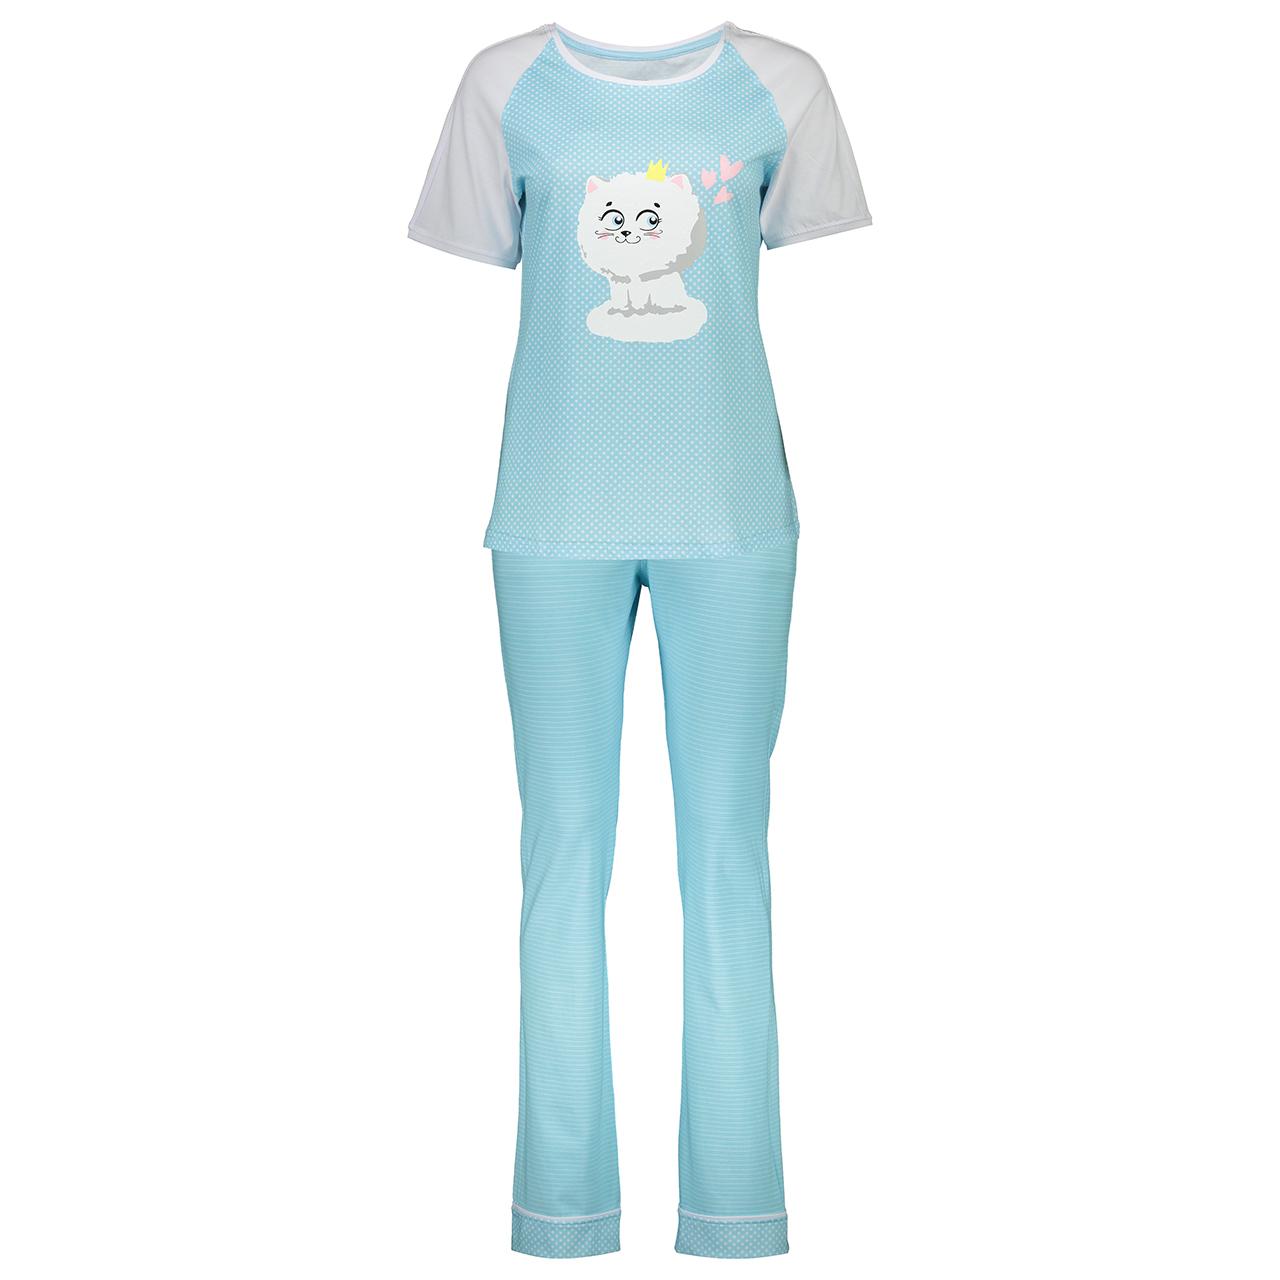 ست تی شرت و شلوار راحتی زنانه ناربن مدل 1521170-50